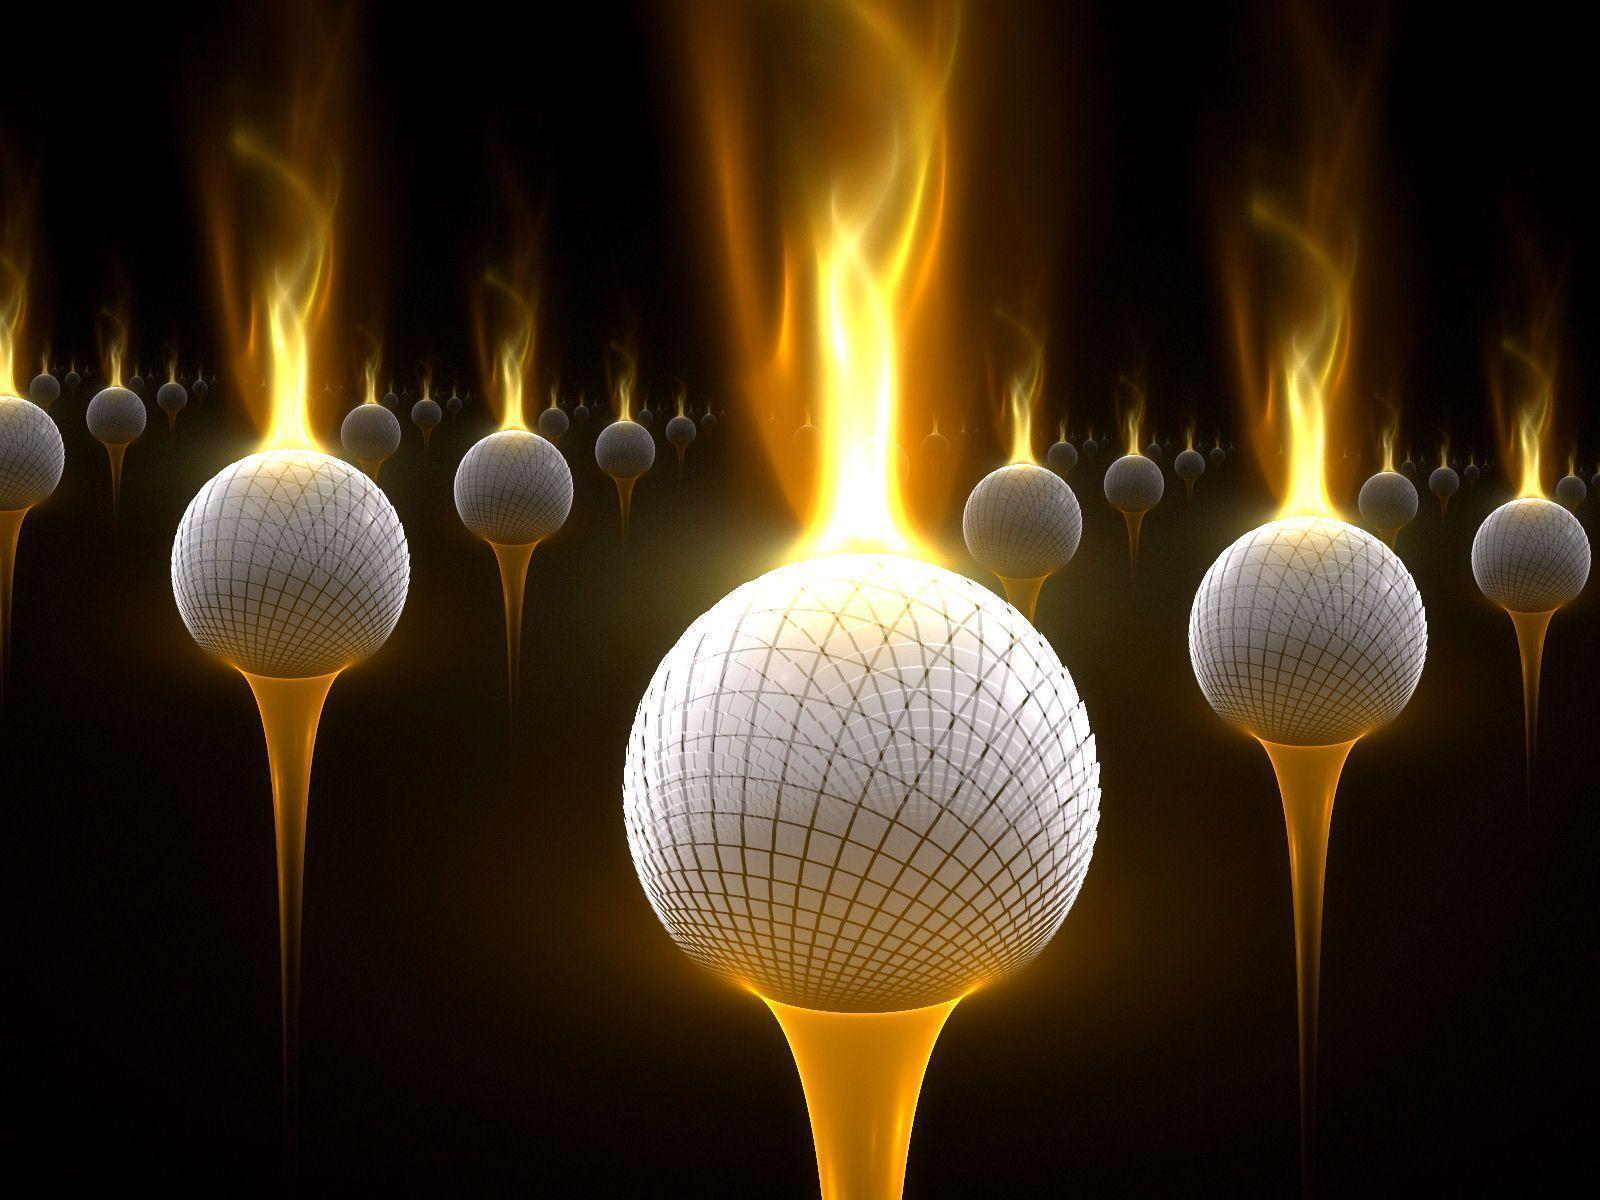 cool ball golf wallpaper - photo #9